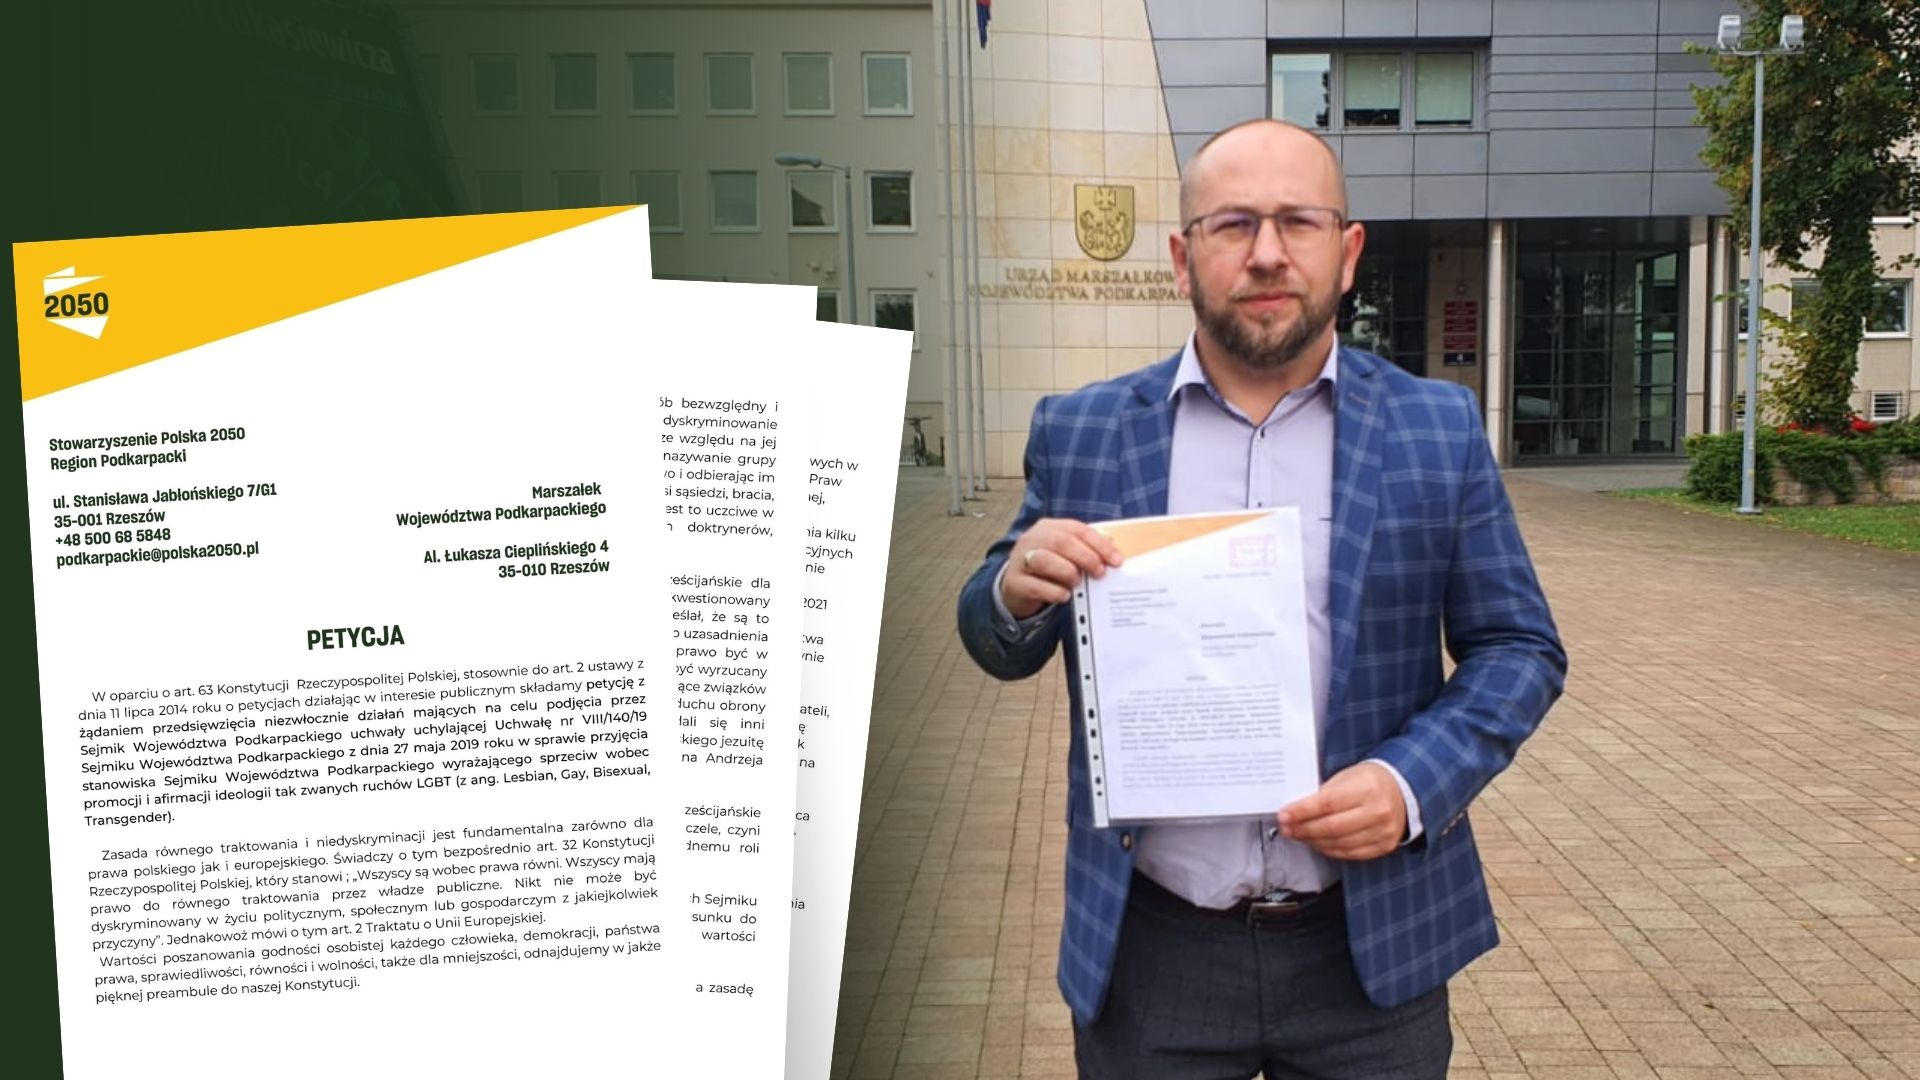 Lokalni aktywiści złożyli petycję przeciwko uchwale Anty LGBT - Zdjęcie główne